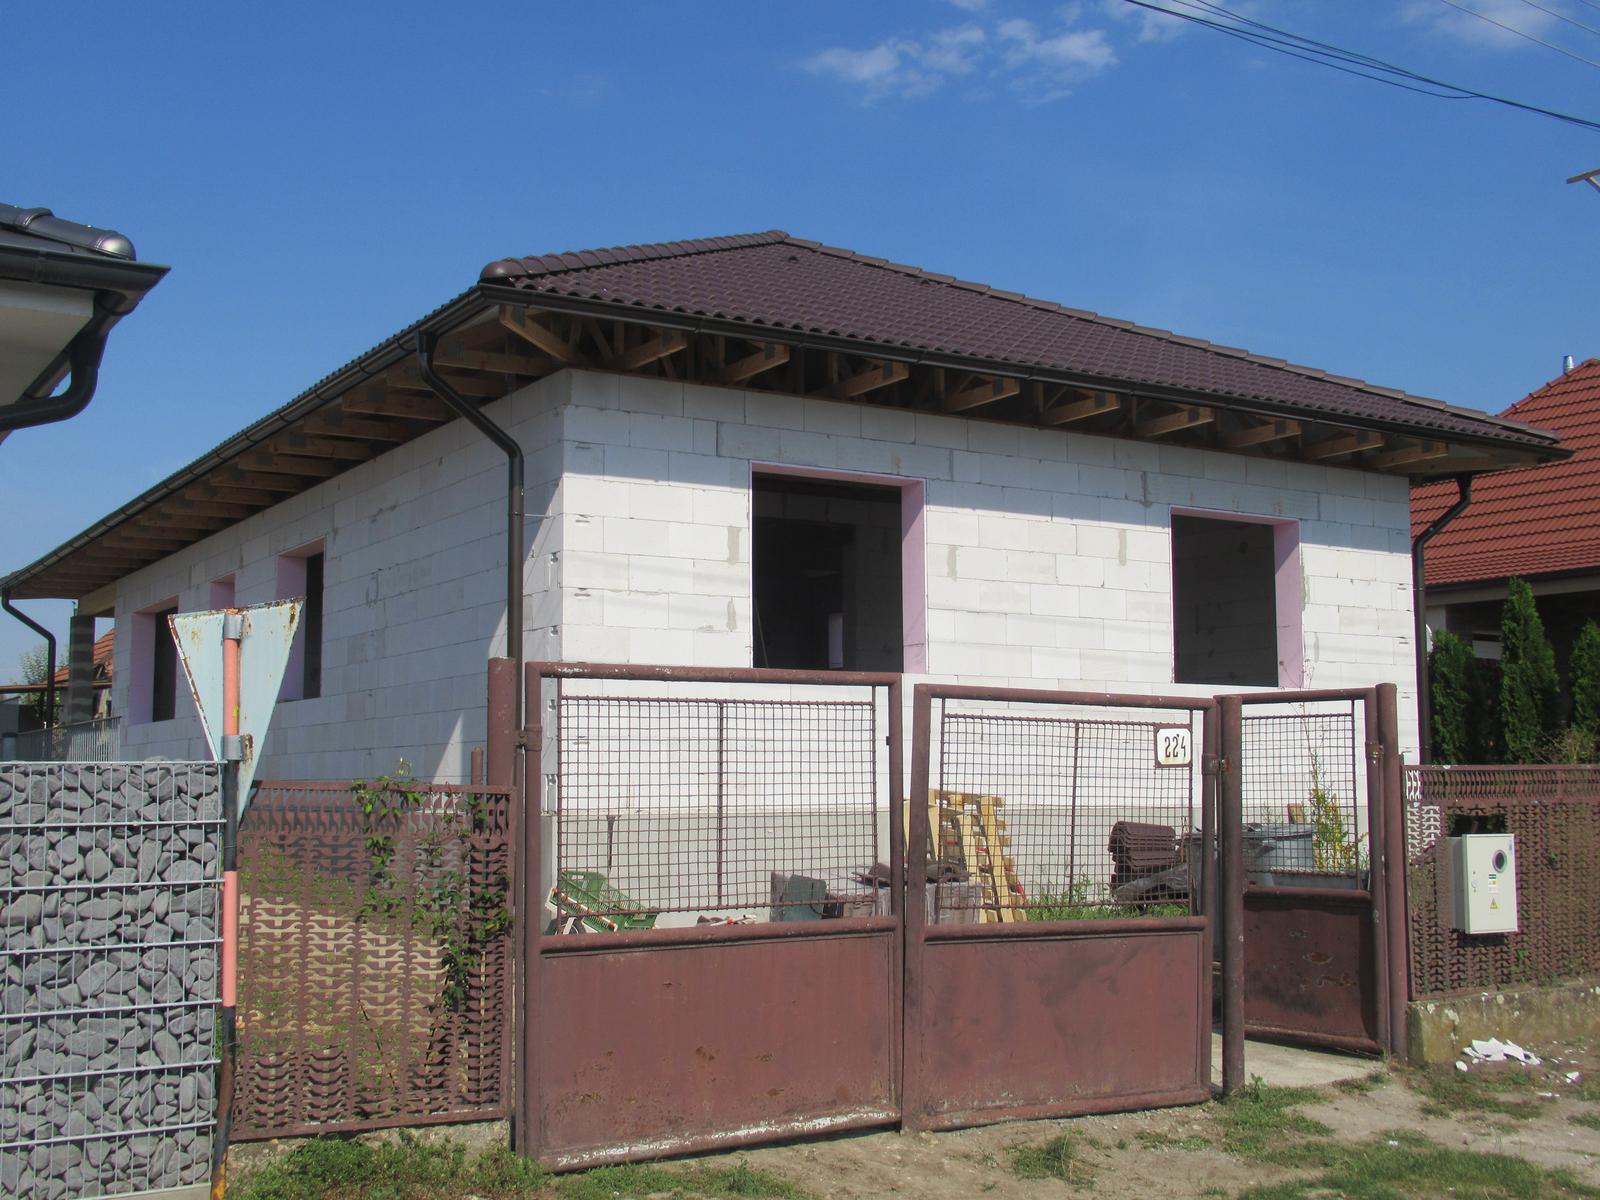 Väzníková strecha na kľúč s krytinou Terran Danubia EVO Mocca Kmeťovo okr. Nové Zámky - Obrázok č. 2